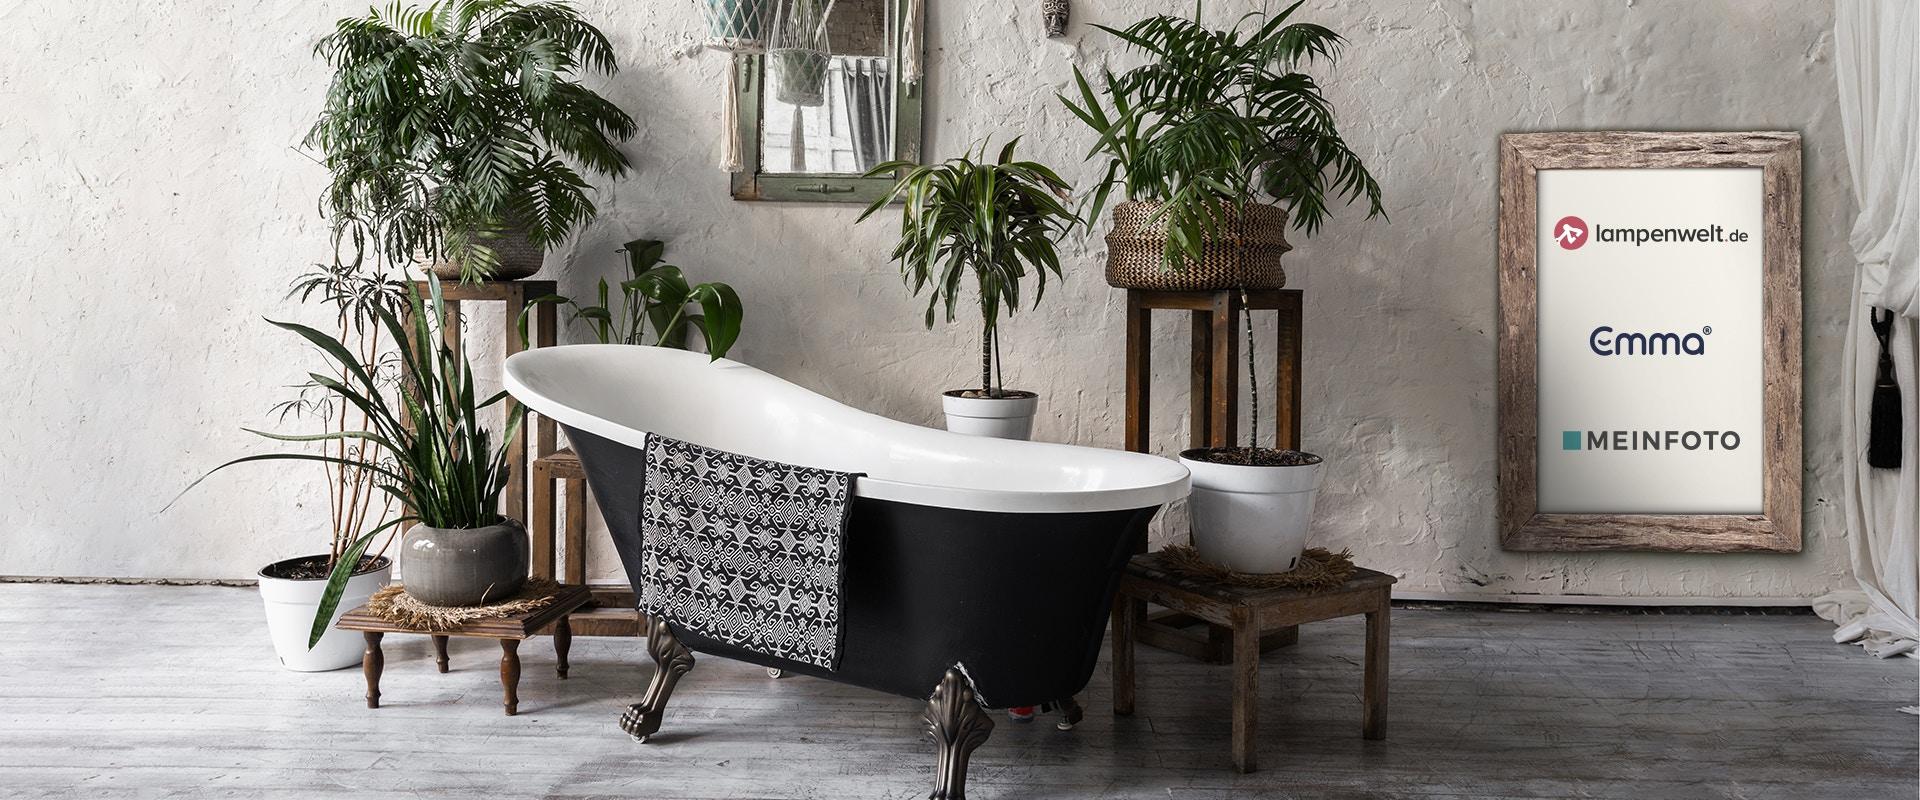 Eine Badewanne, umrandet von Pflanzen